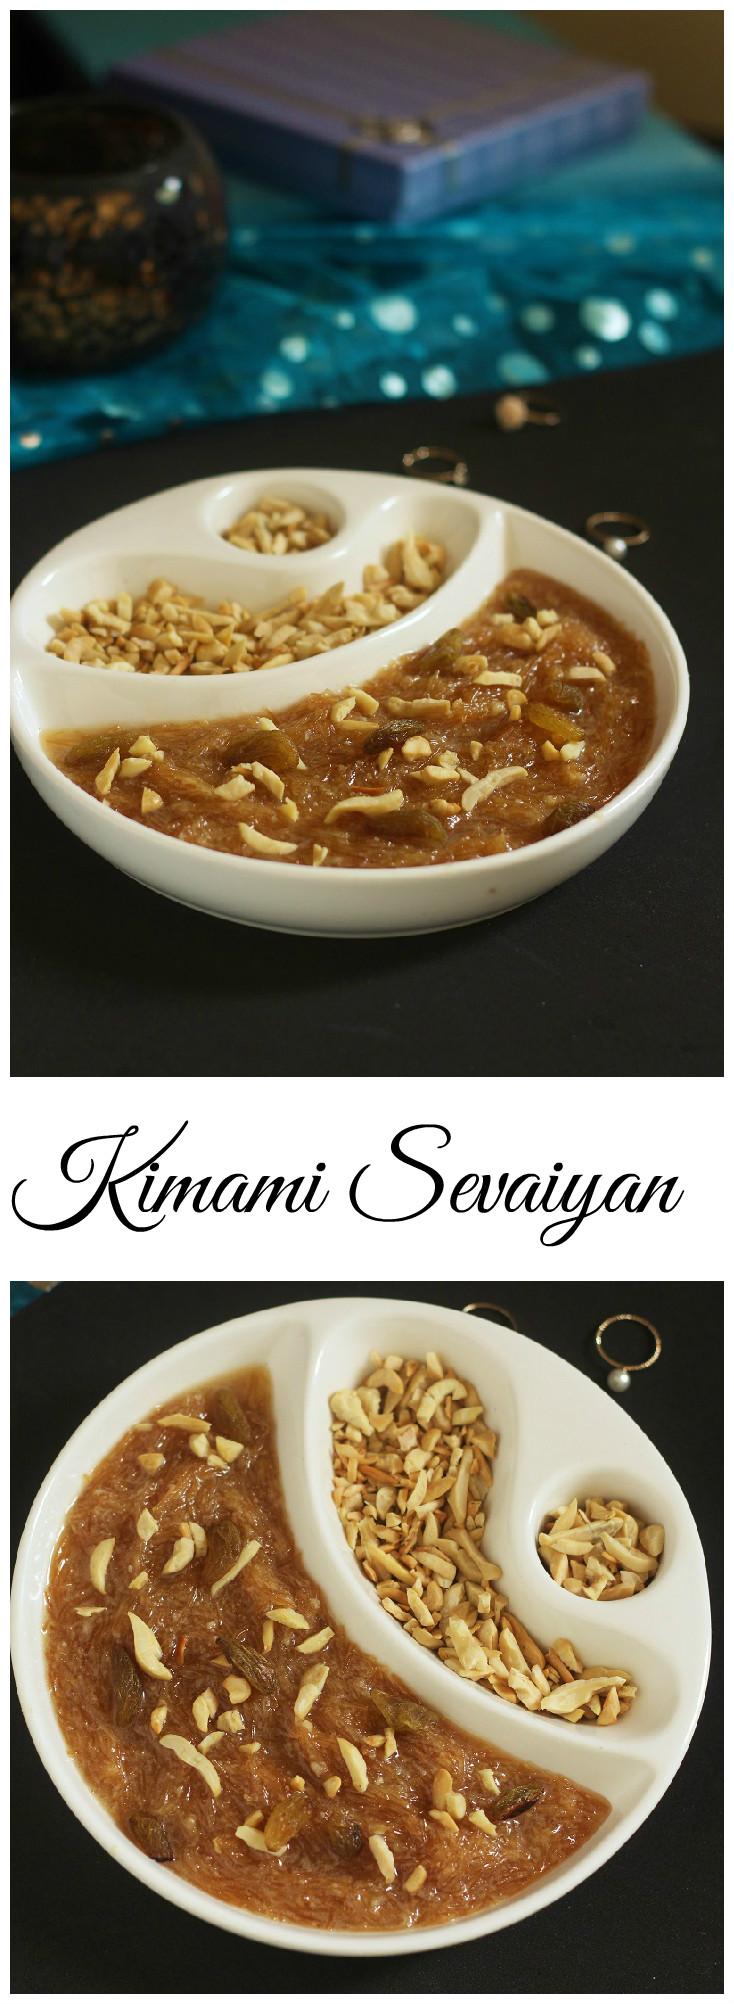 Kimami Sevaiyan Recipe